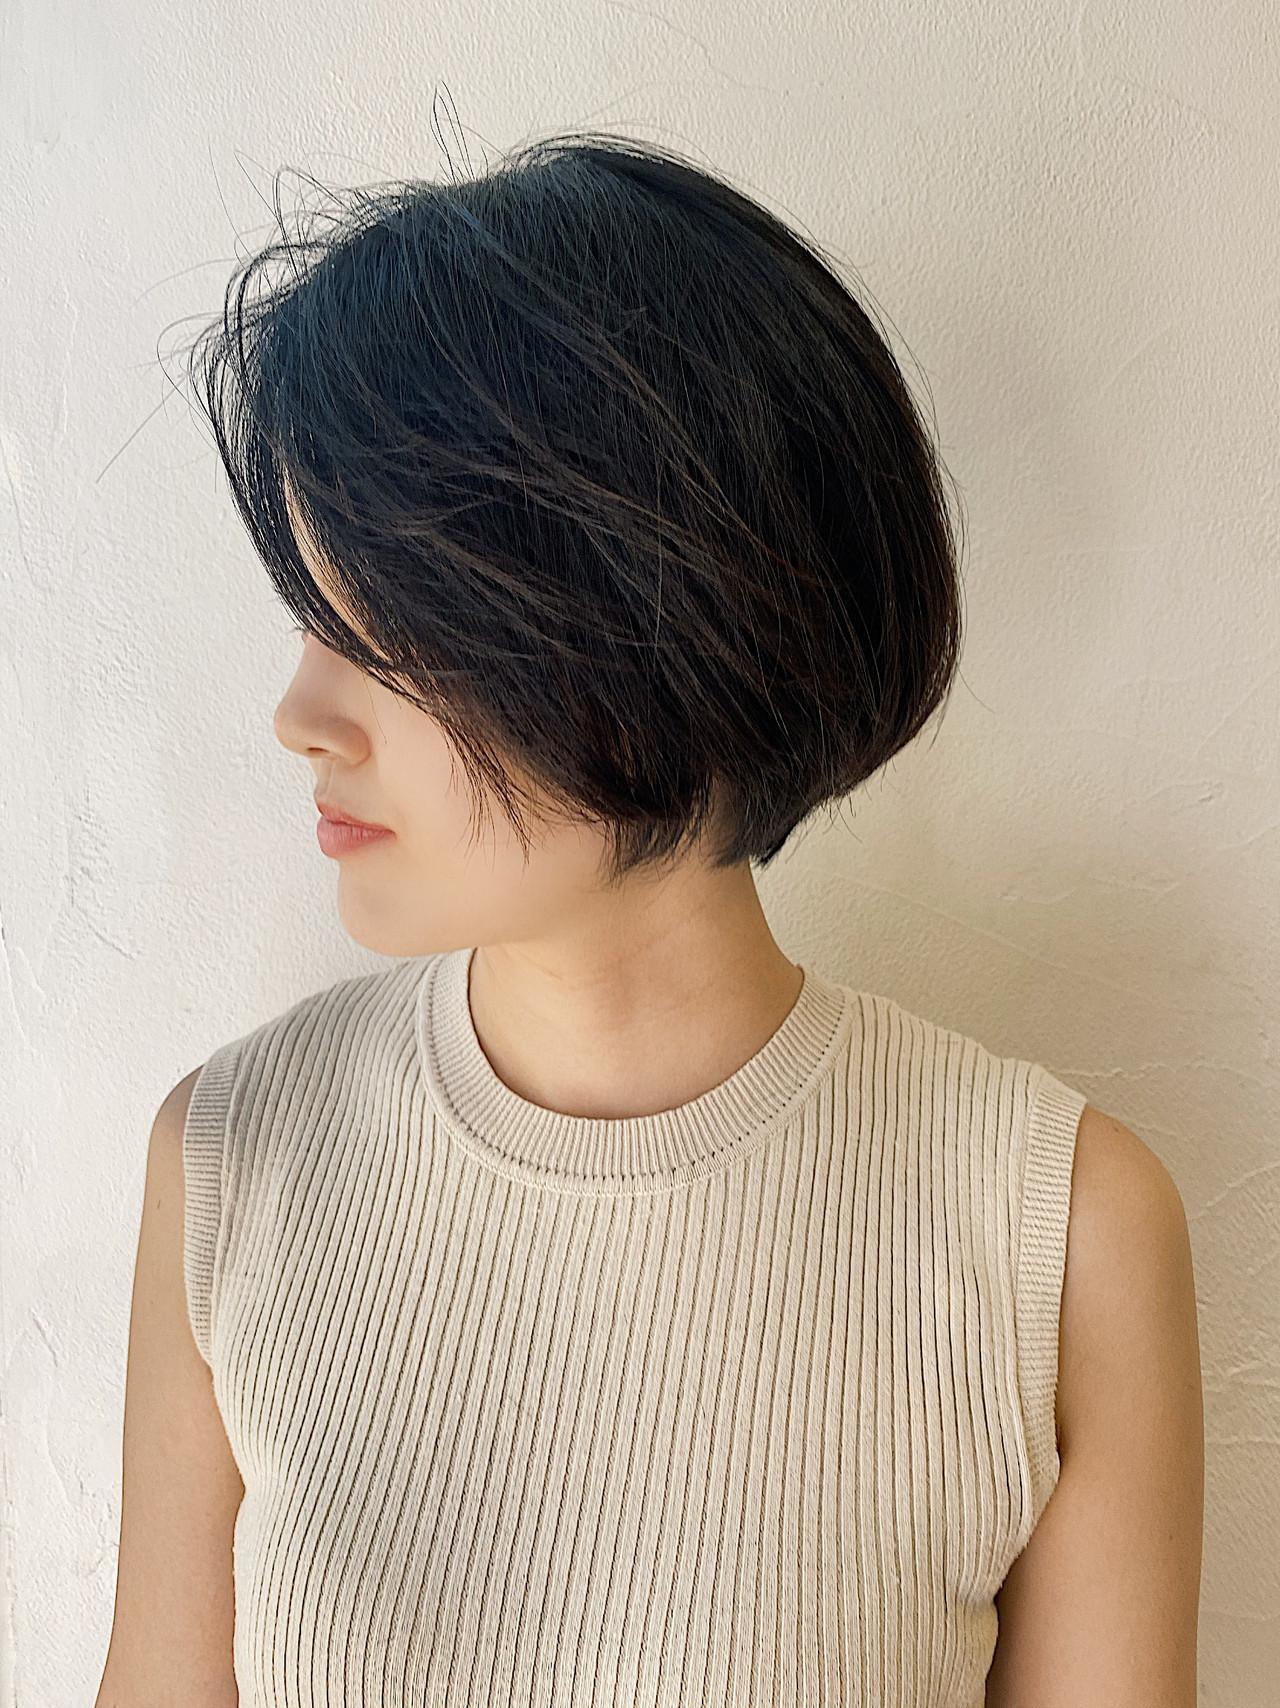 オフィス モード ショートボブ ベリーショート ヘアスタイルや髪型の写真・画像